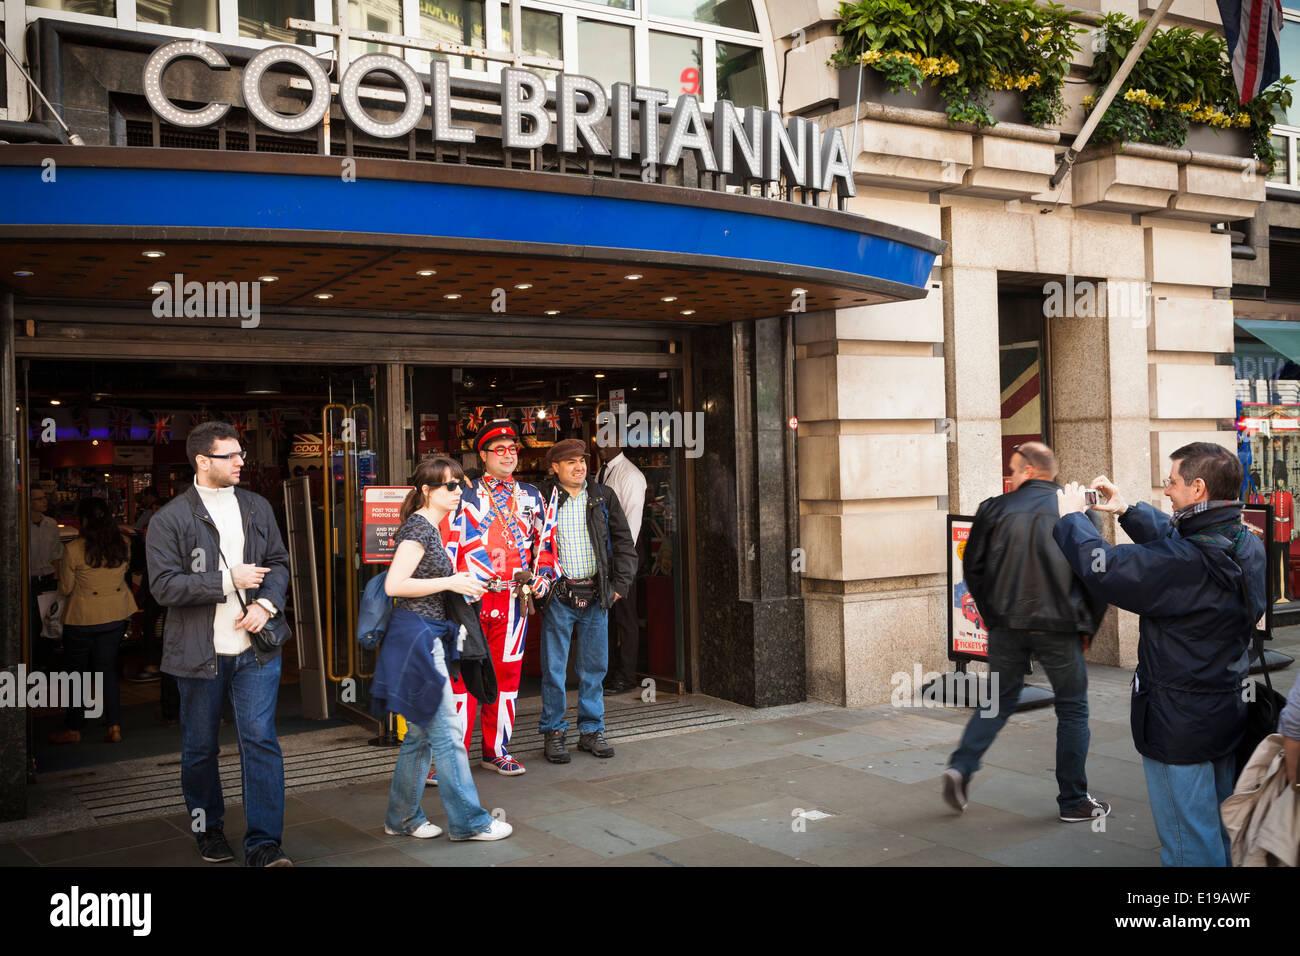 Los turistas fotografiados con el hombre de la puerta, a Cool Britannia en Piccadilly Londres. Imagen De Stock